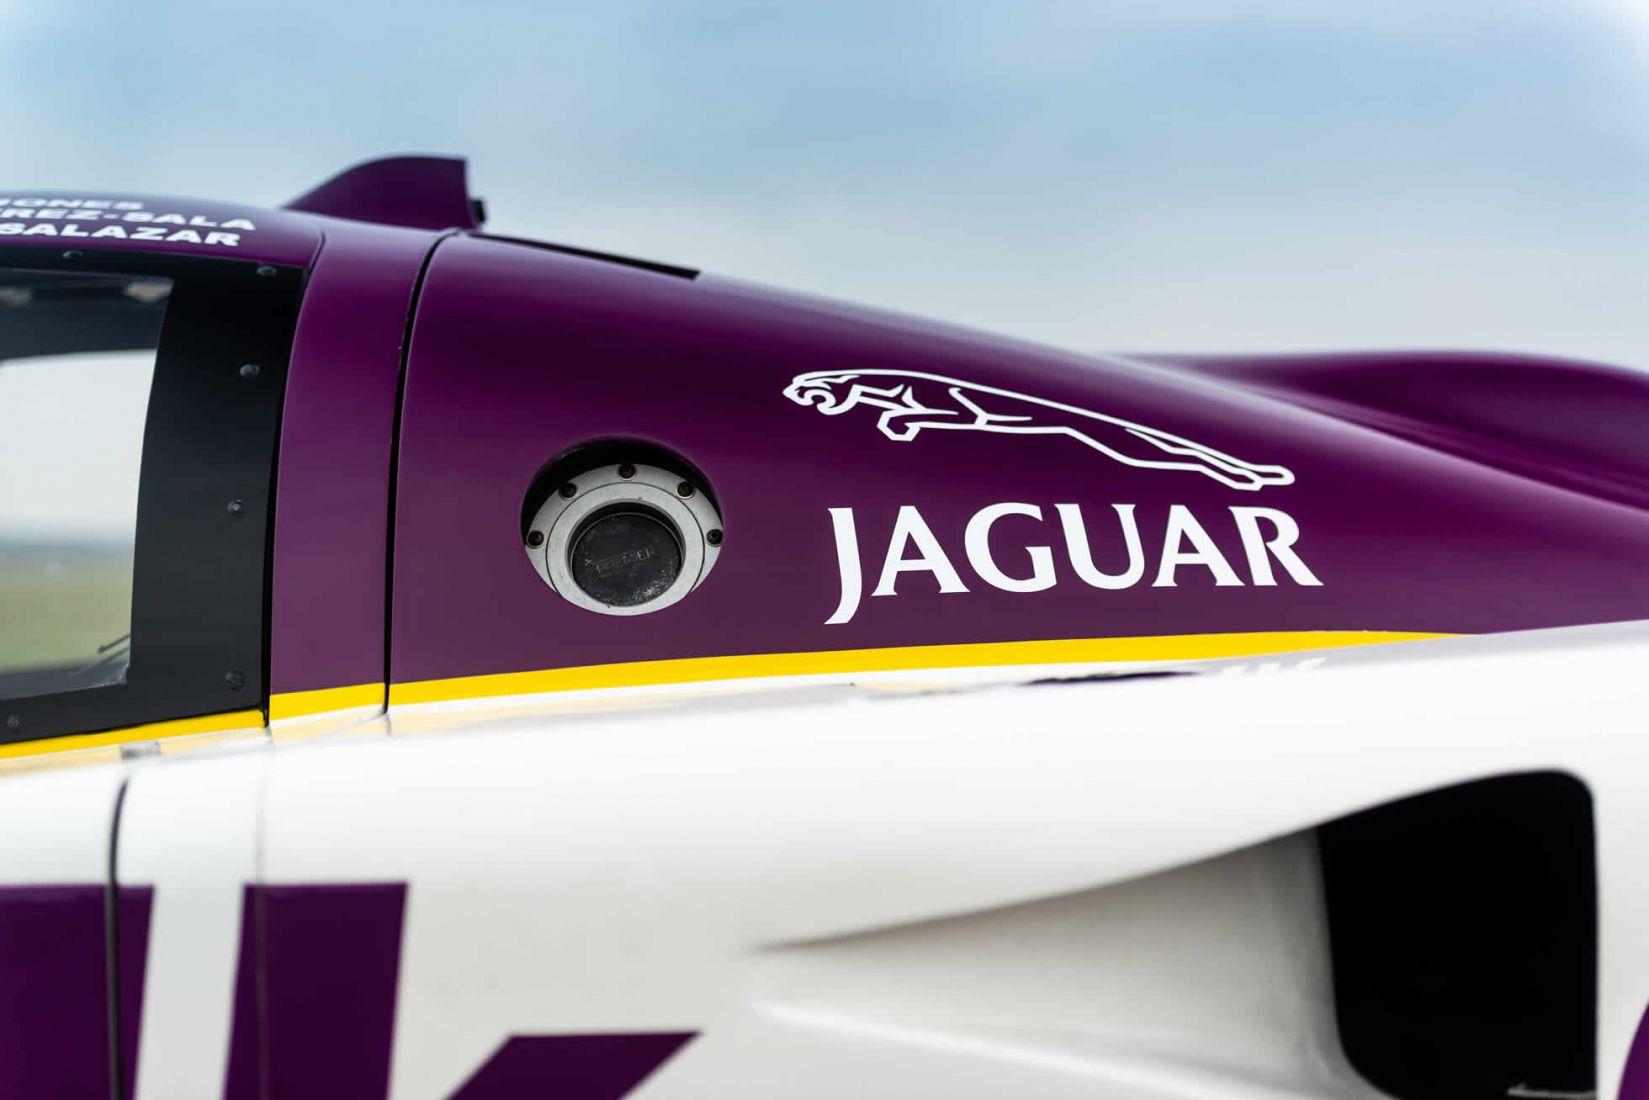 nt-sportspurpose-jaguar-xjr12-j12c190-1006.jpg